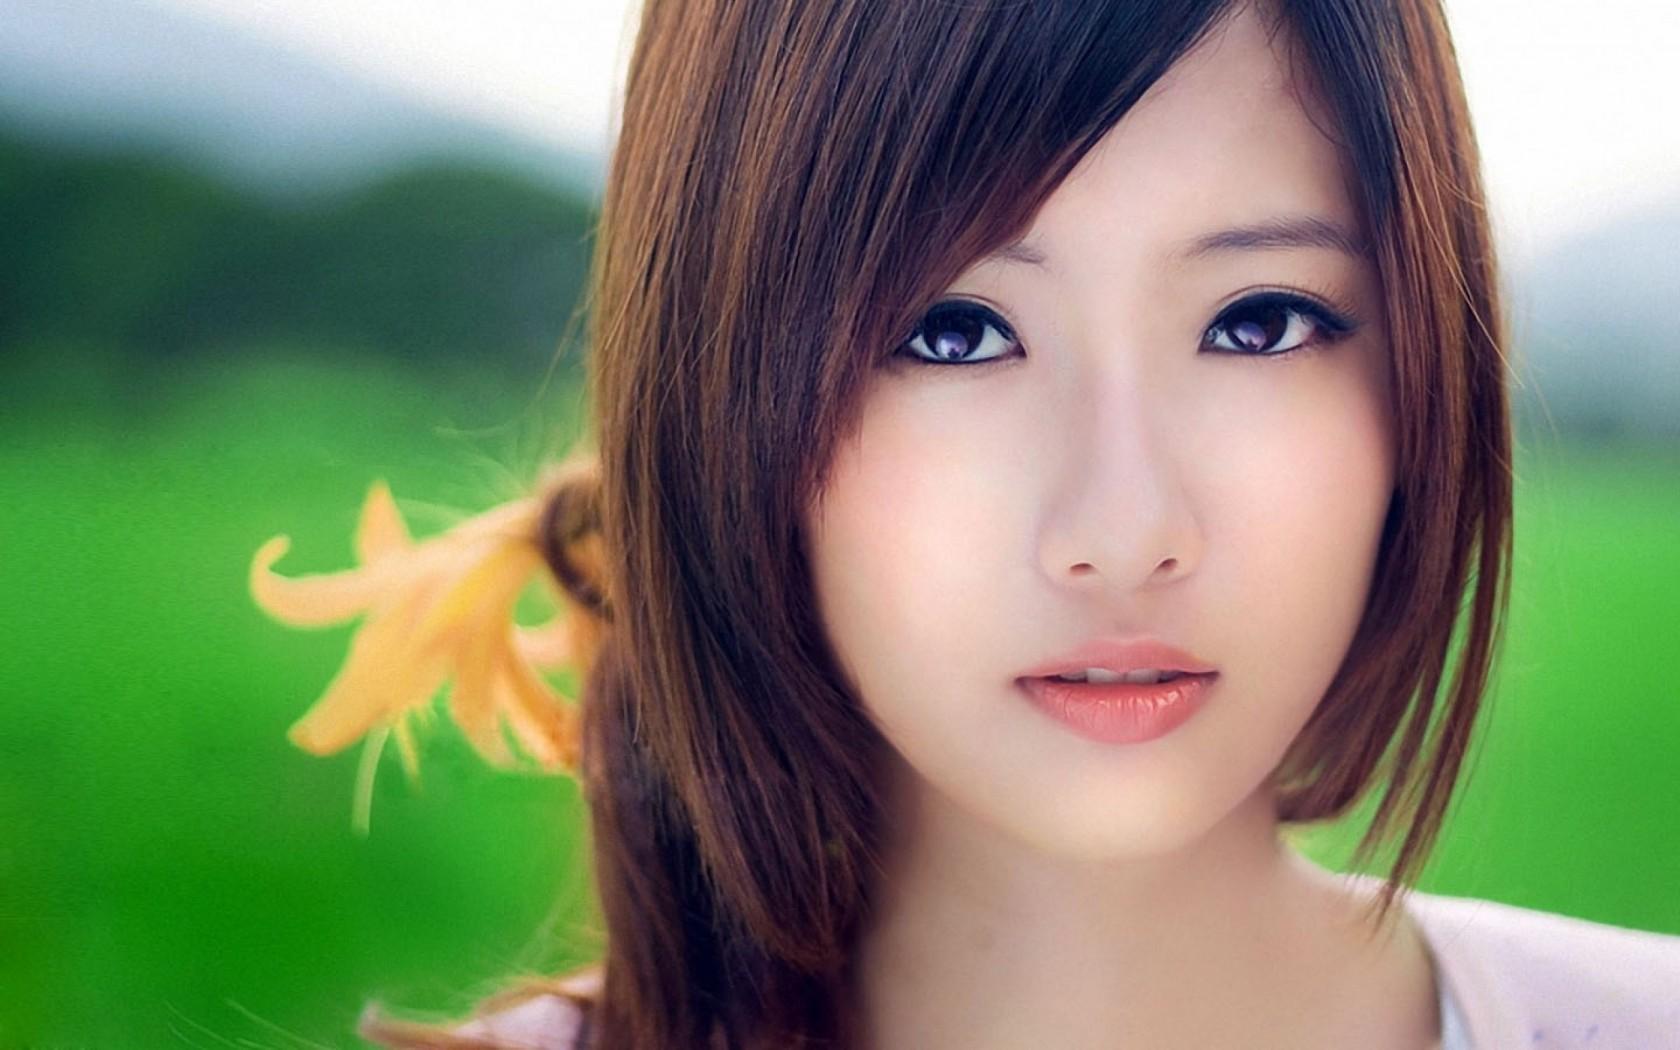 Korean Women 71 Korean HD Wallpapers